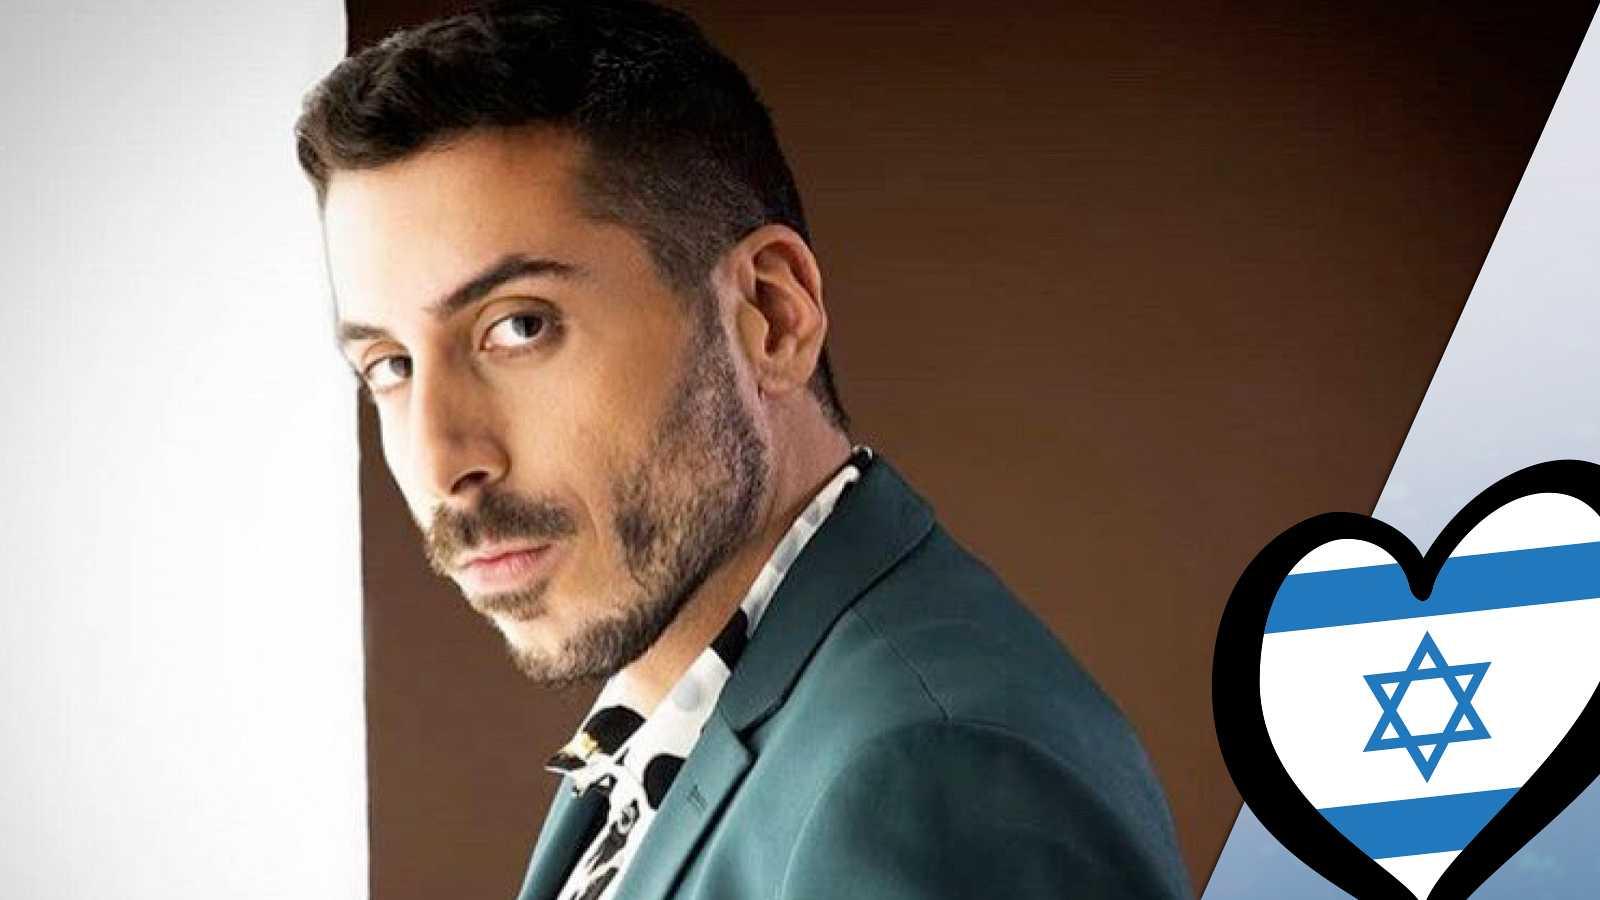 """Eurovisión 2019 - Kobi Marimi (Israel): Videoclip de """"Home"""""""